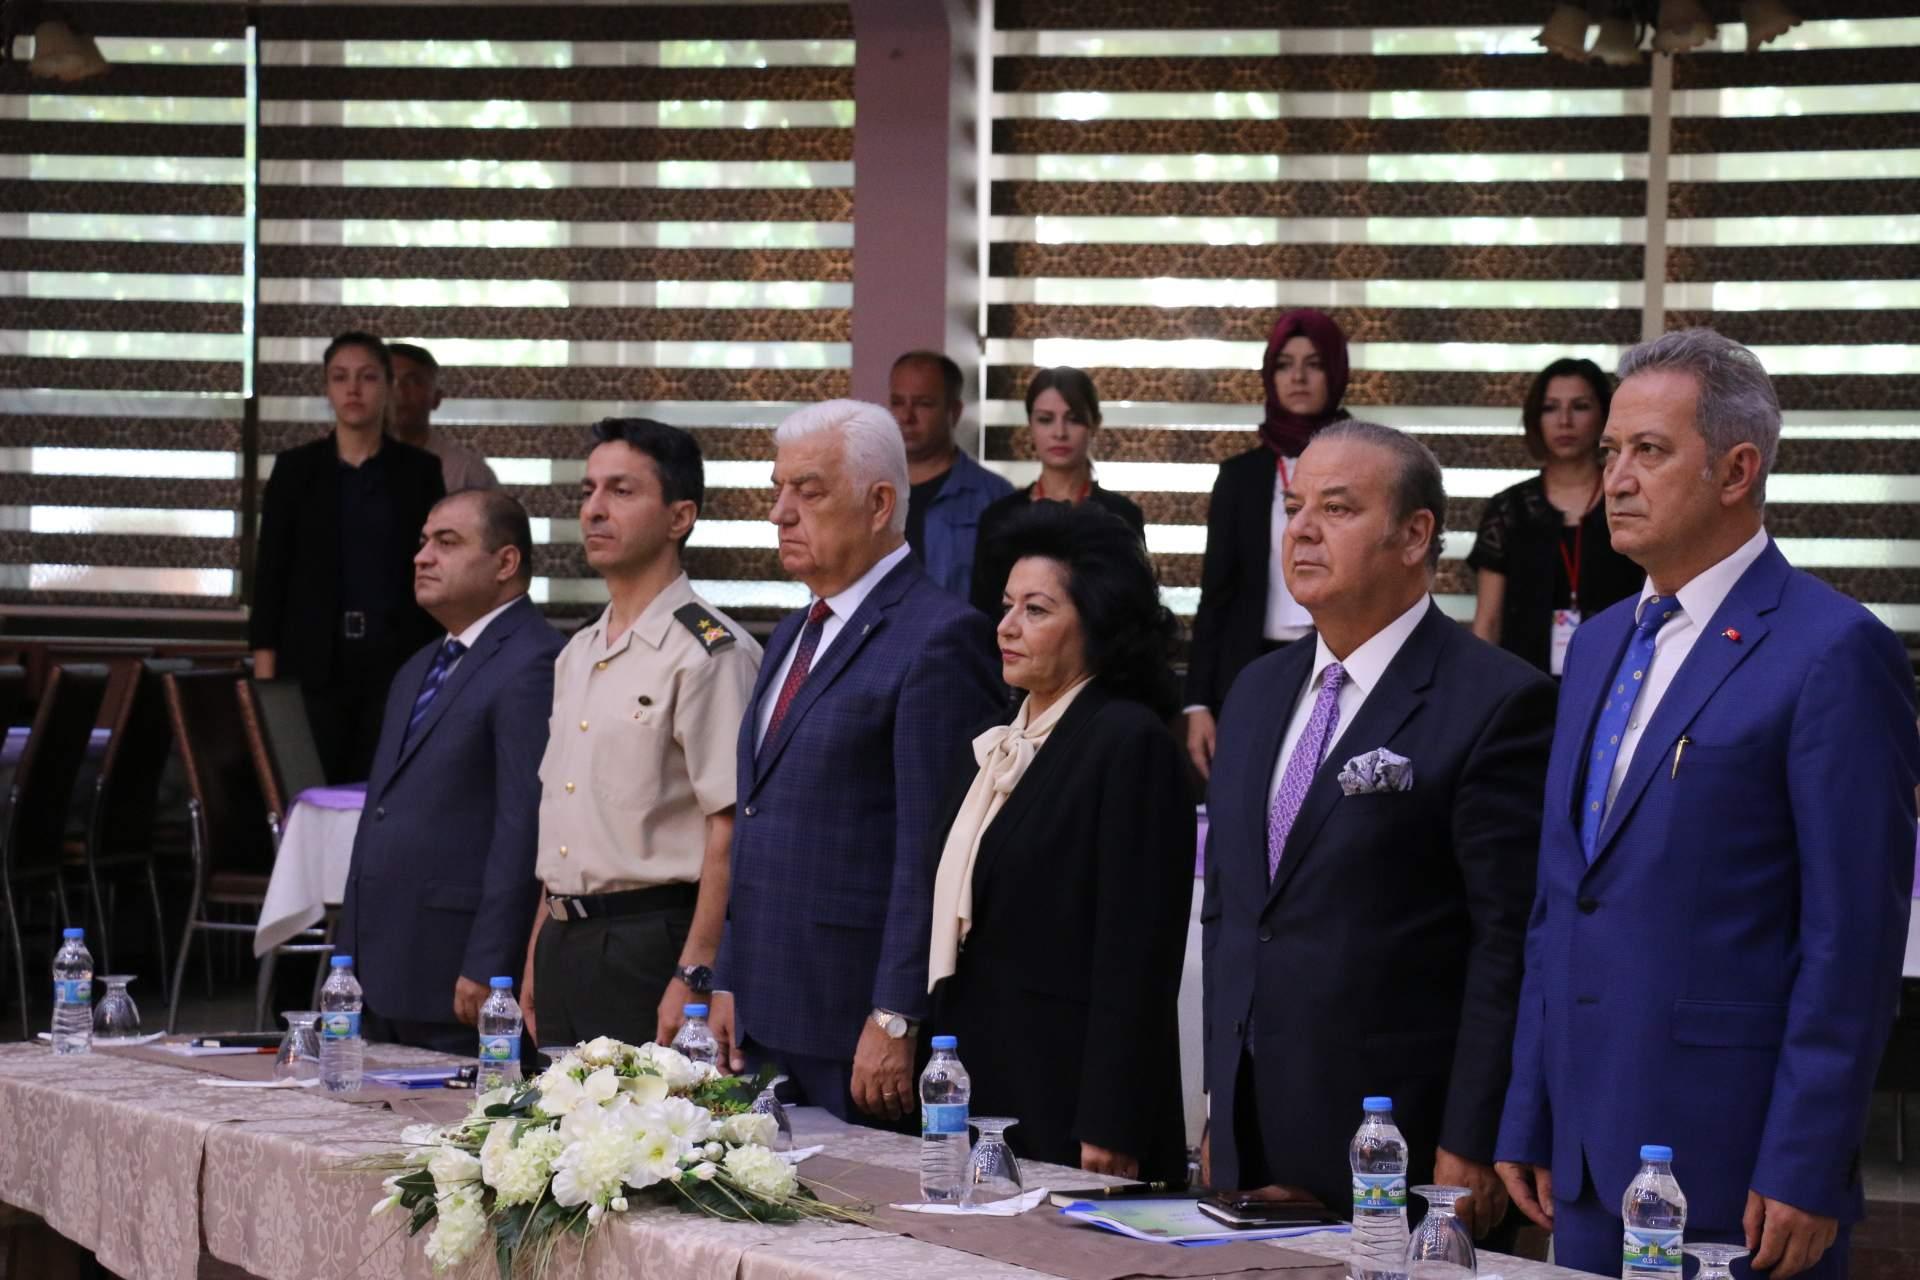 Vali Civelek Başkanlığında Eğitim Güvenliği Toplantısı Yapıldı